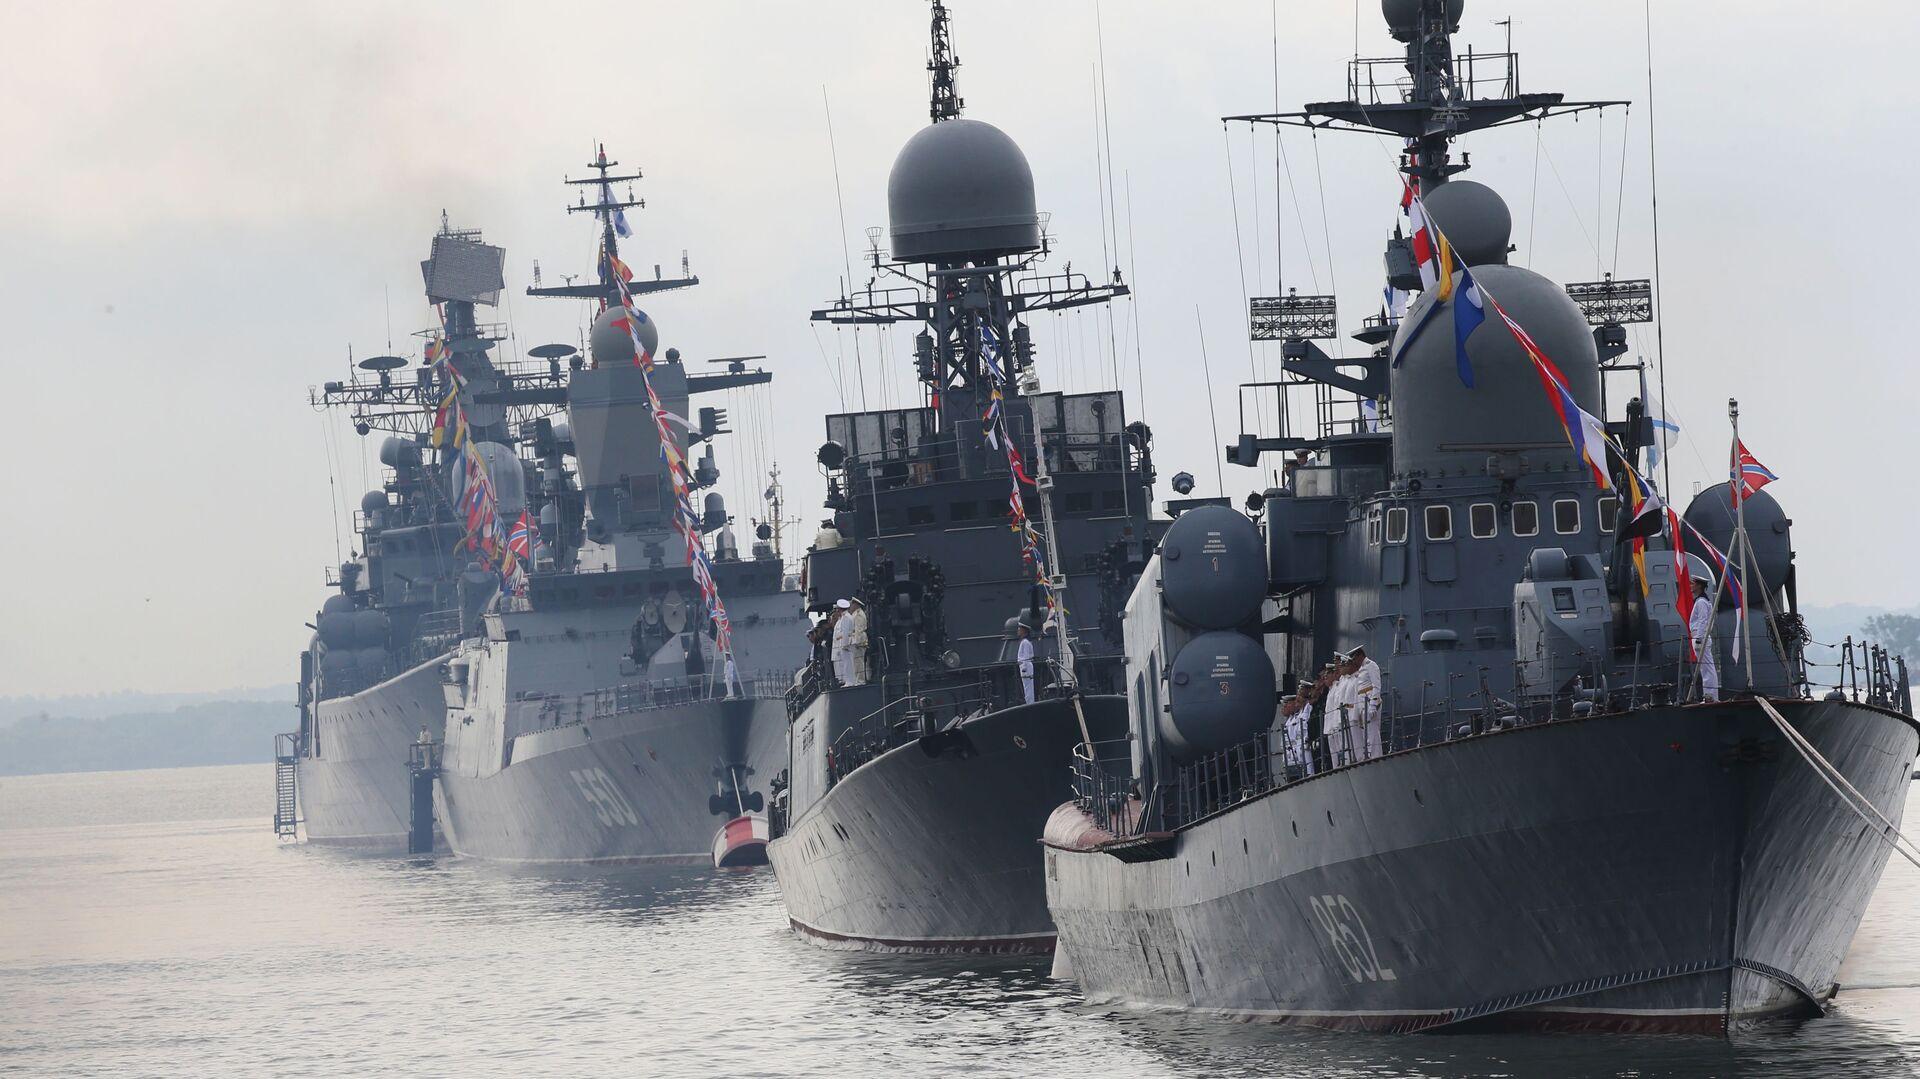 Raketový člun R-129 Kuzněck a lodě Baltského námořnictva v přední linii během generální zkoušky Námořní přehlídky věnované dni ruského námořnictva - Sputnik Česká republika, 1920, 02.07.2021